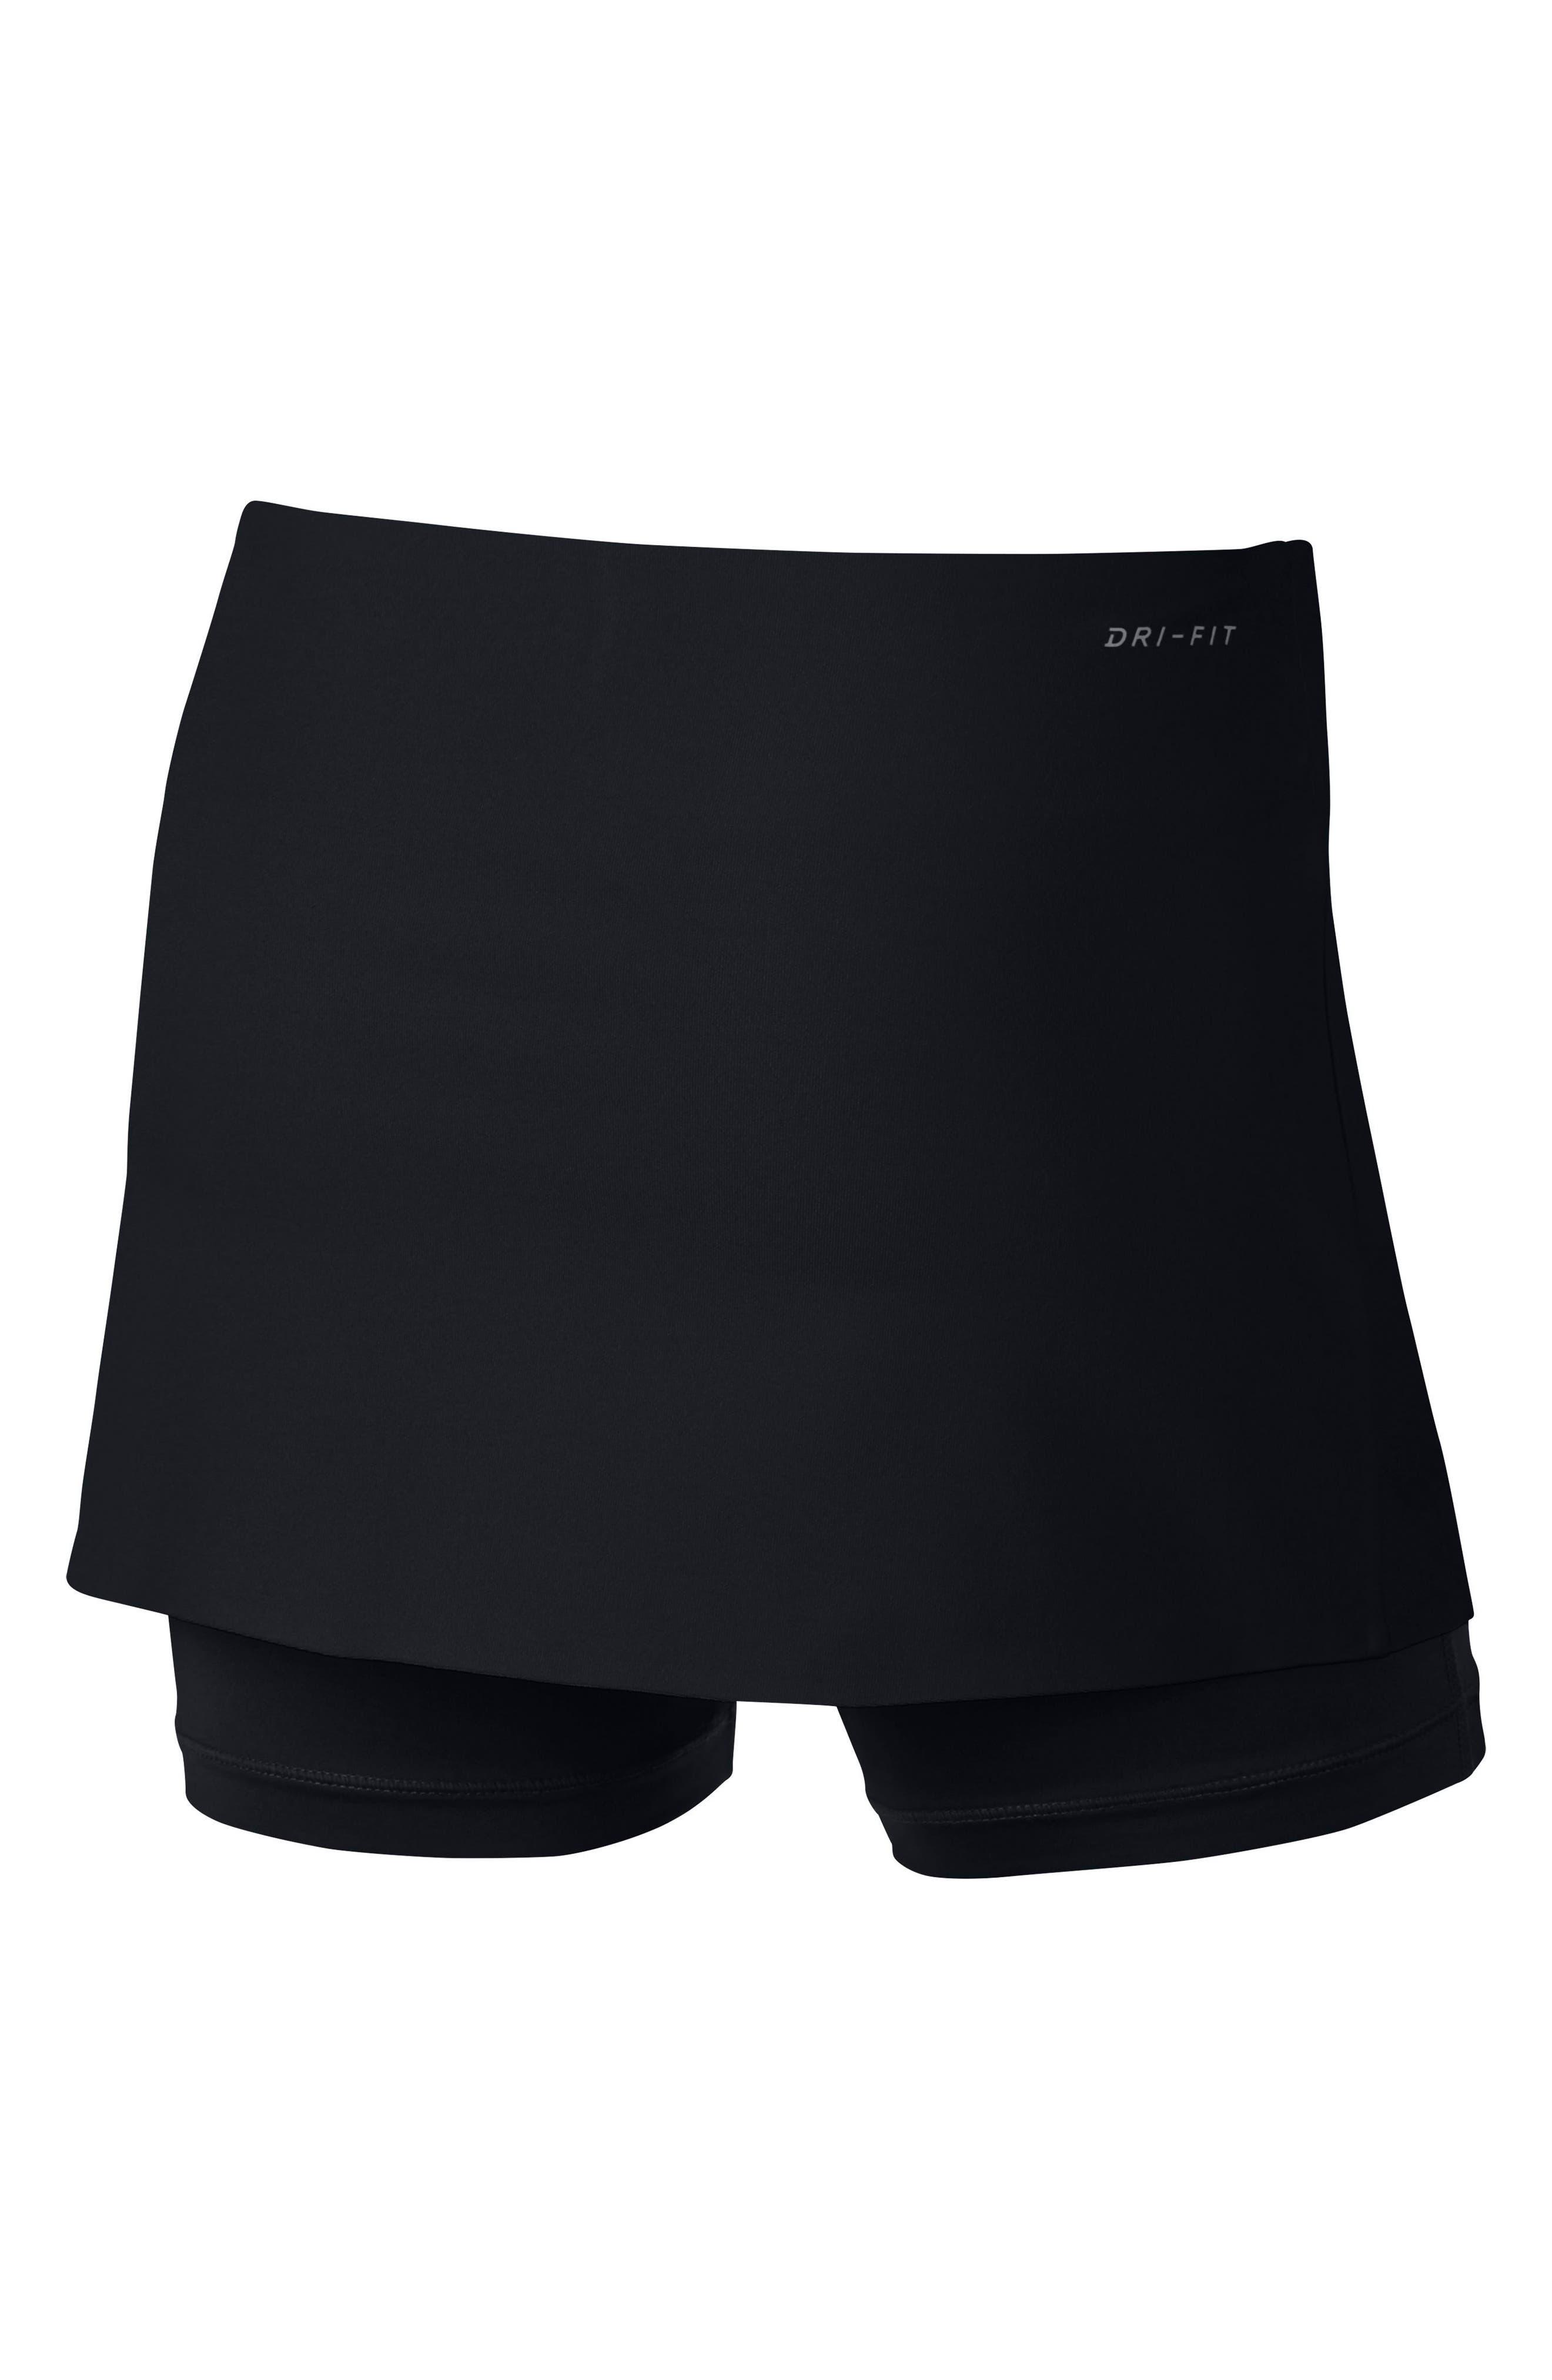 Power Tennis Skirt,                             Alternate thumbnail 4, color,